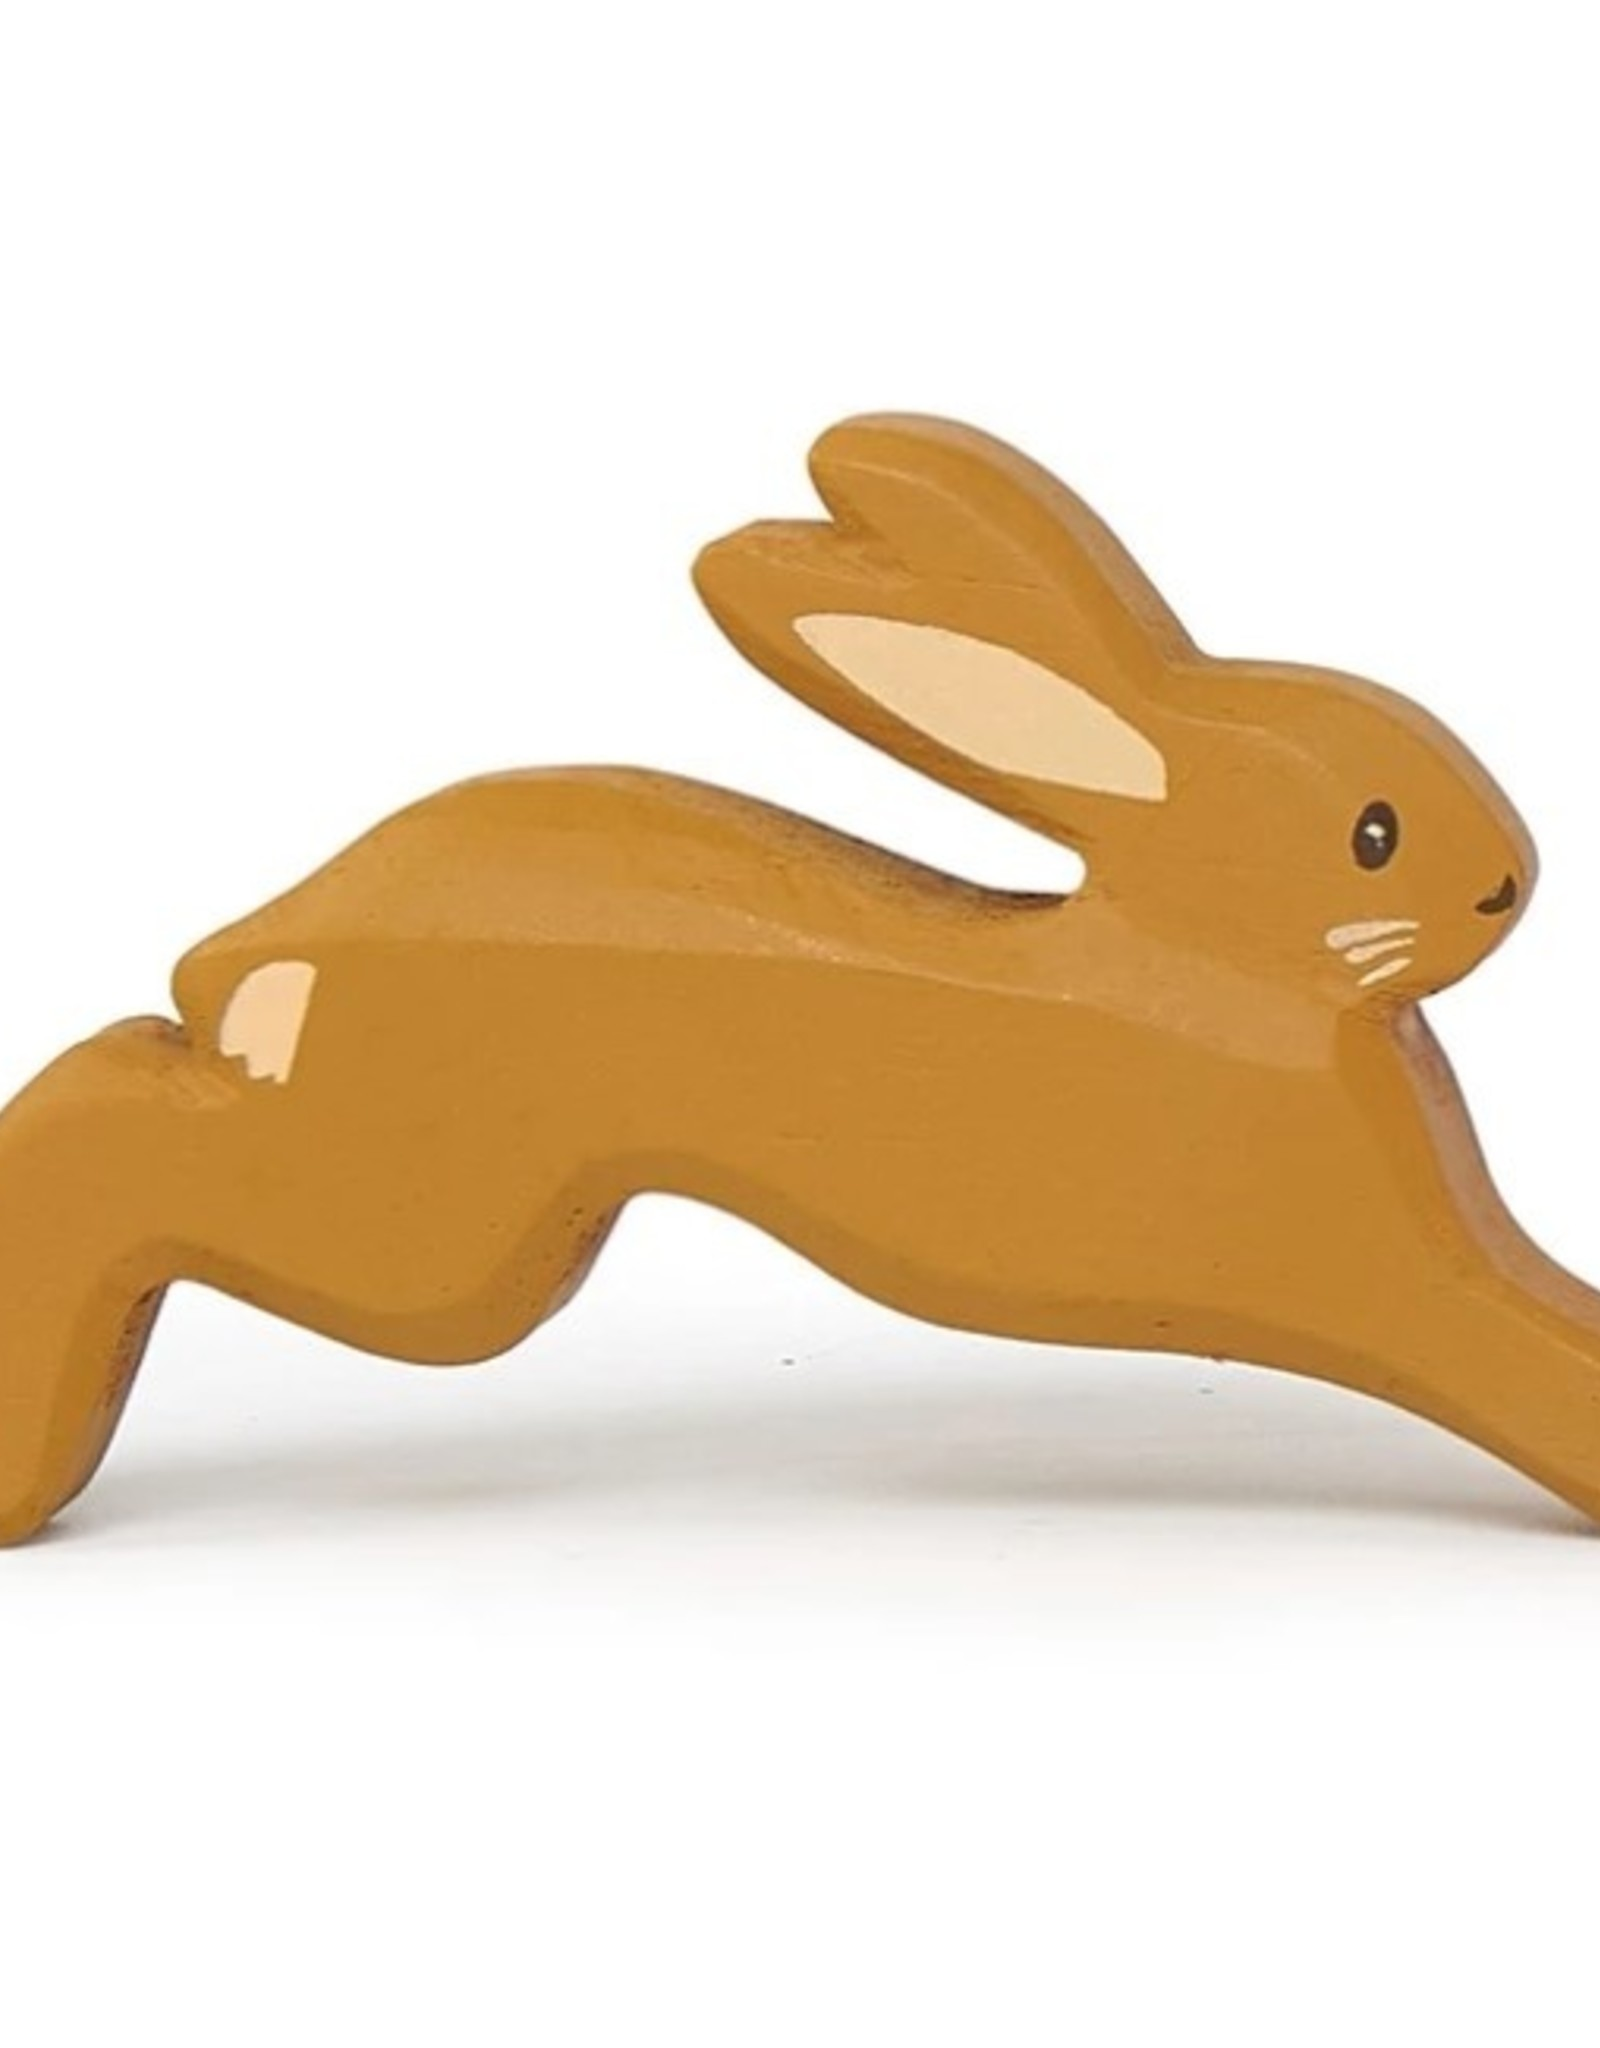 Tender Leaf Toys Tender Leaf Wooden Hare